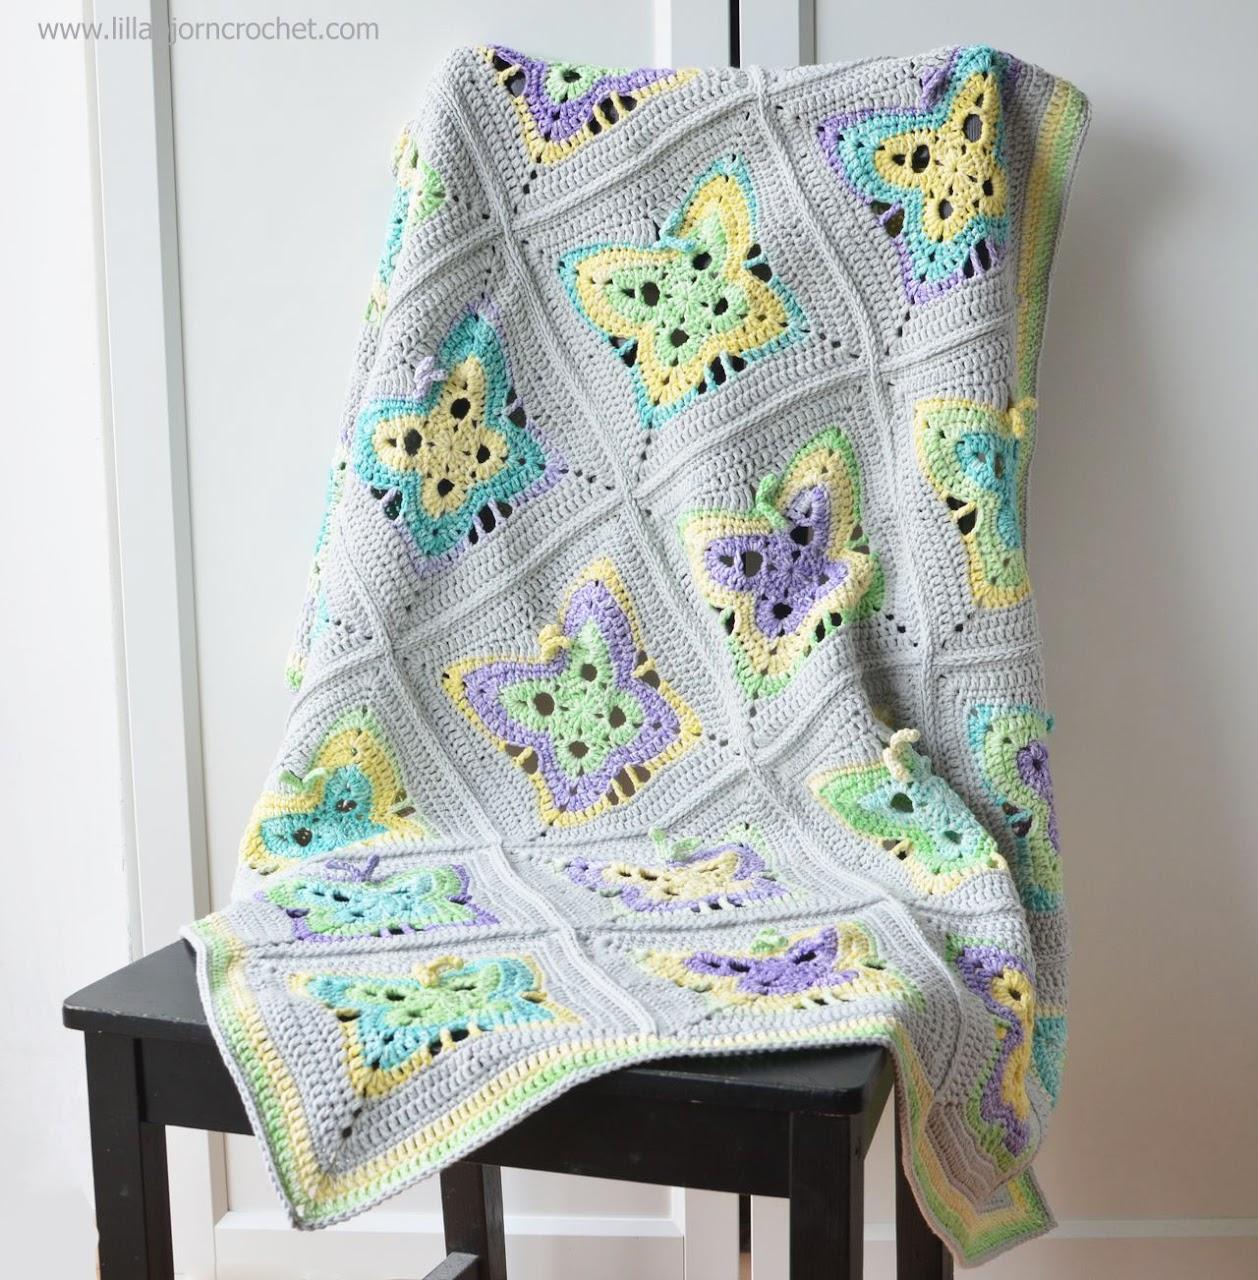 Moonlight Butterfly baby blanket. Crochet pattern by Lilla Bjorn Crochet